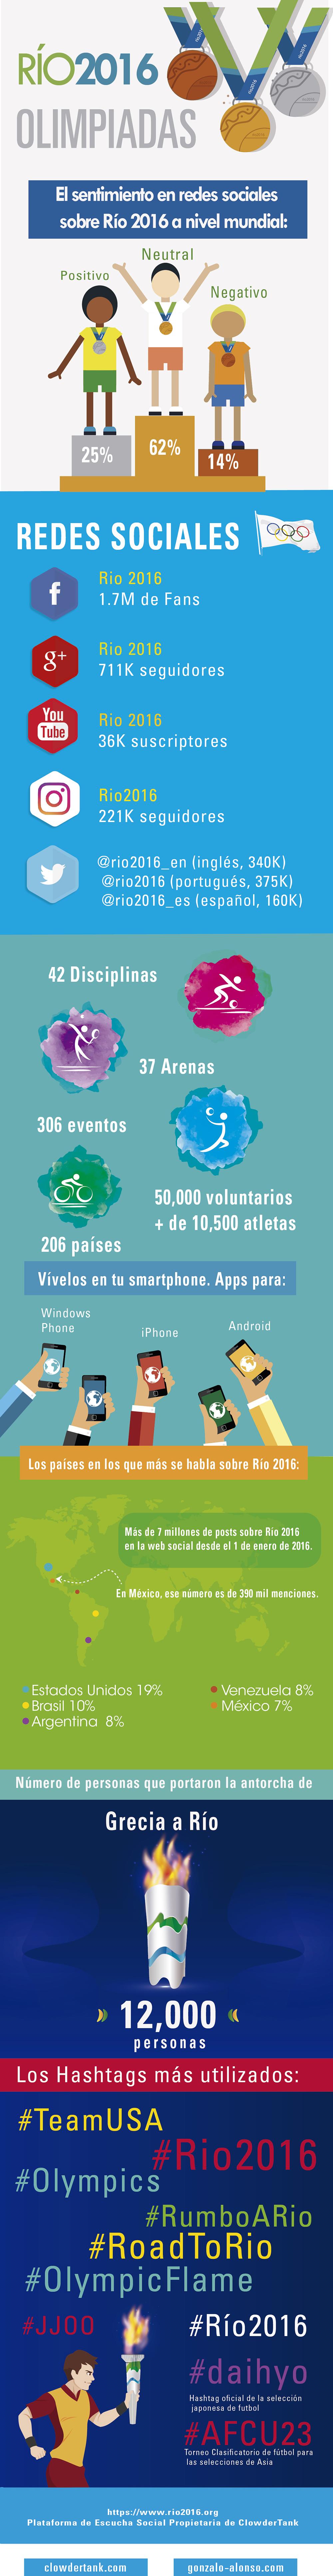 Infografía Río 2016 y redes sociales